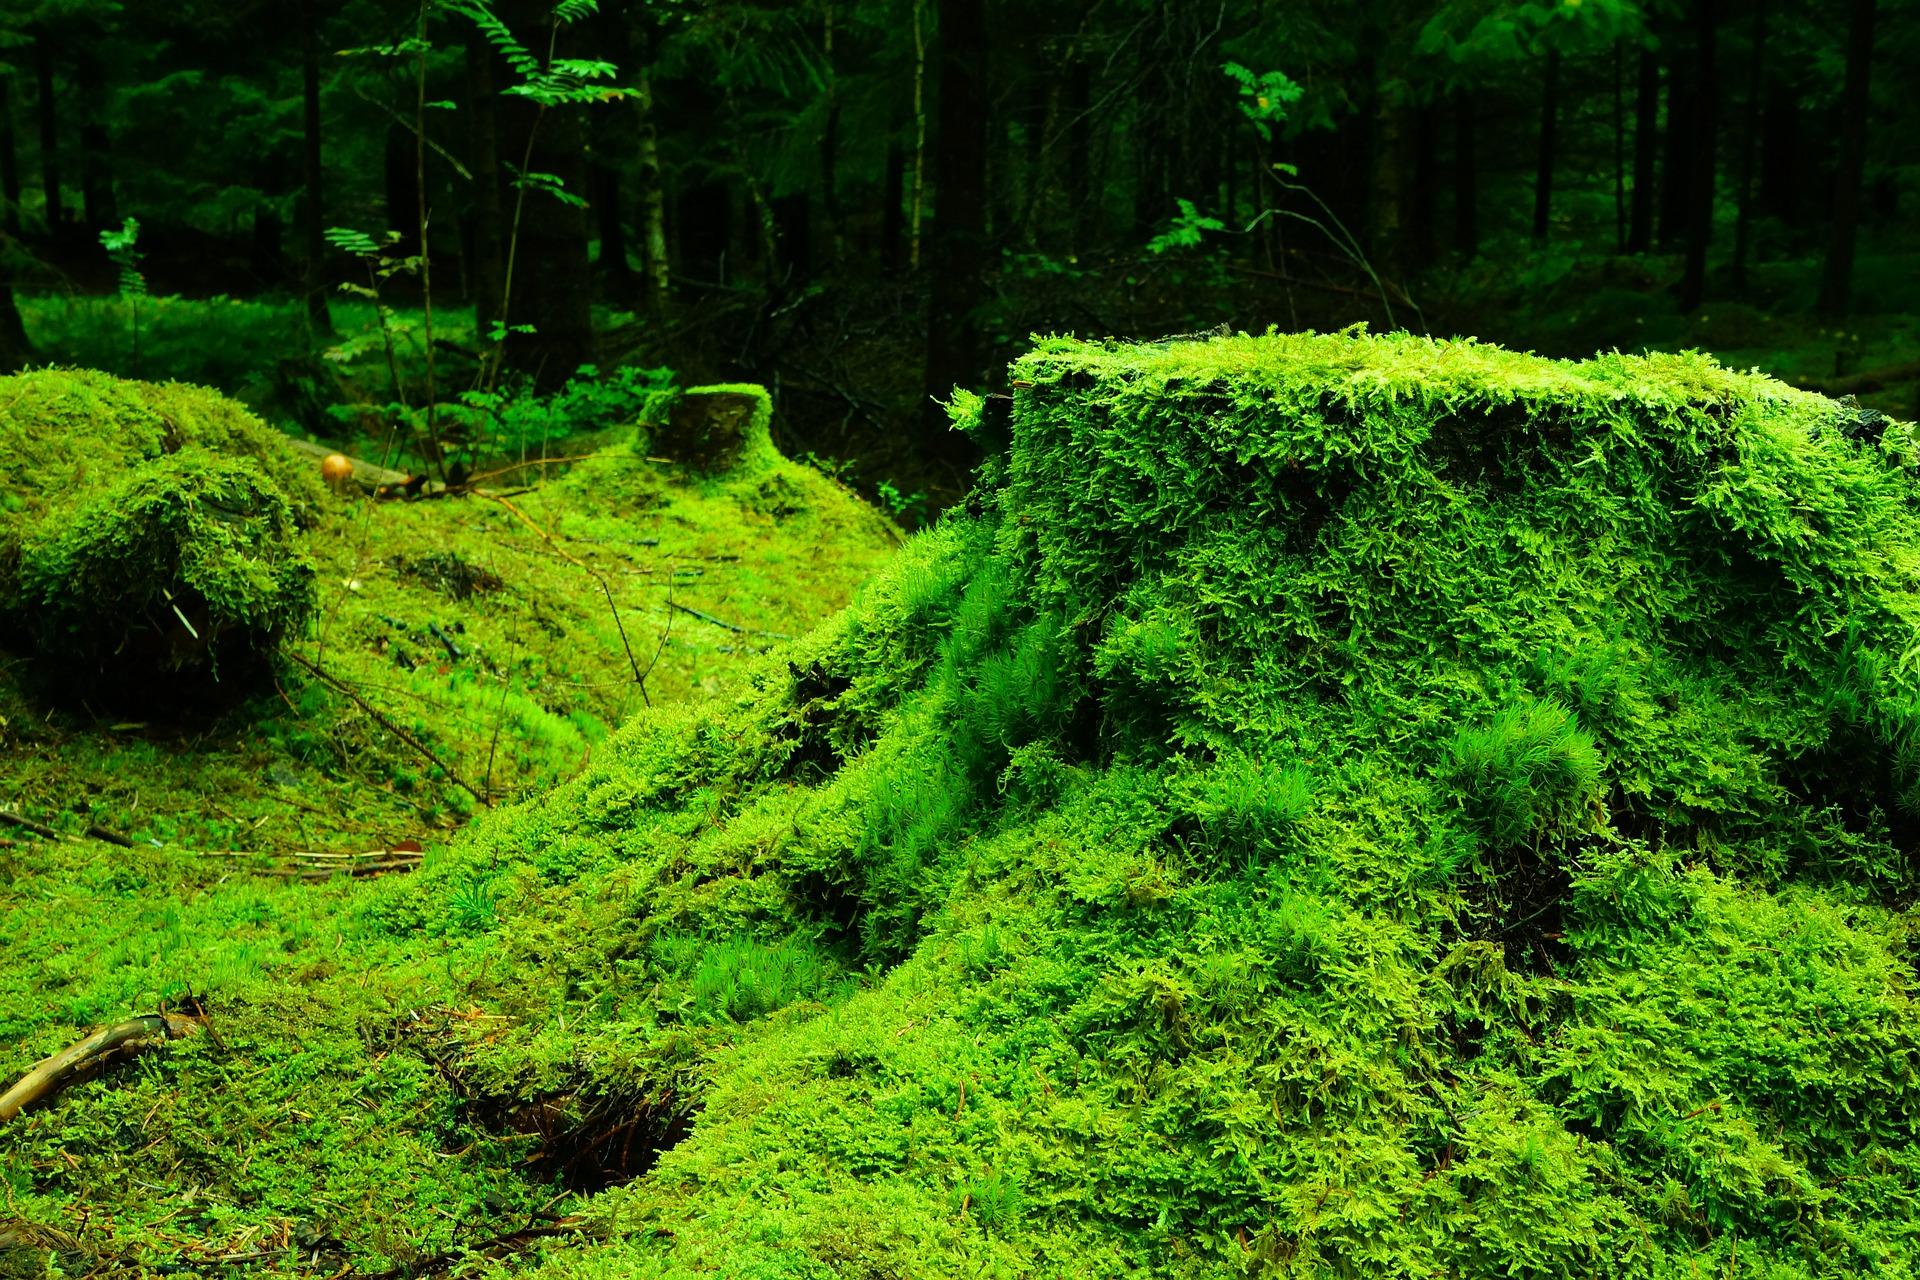 それって!? 実際どうなの課? おばたのお兄さんが5000円の苔石を発見?